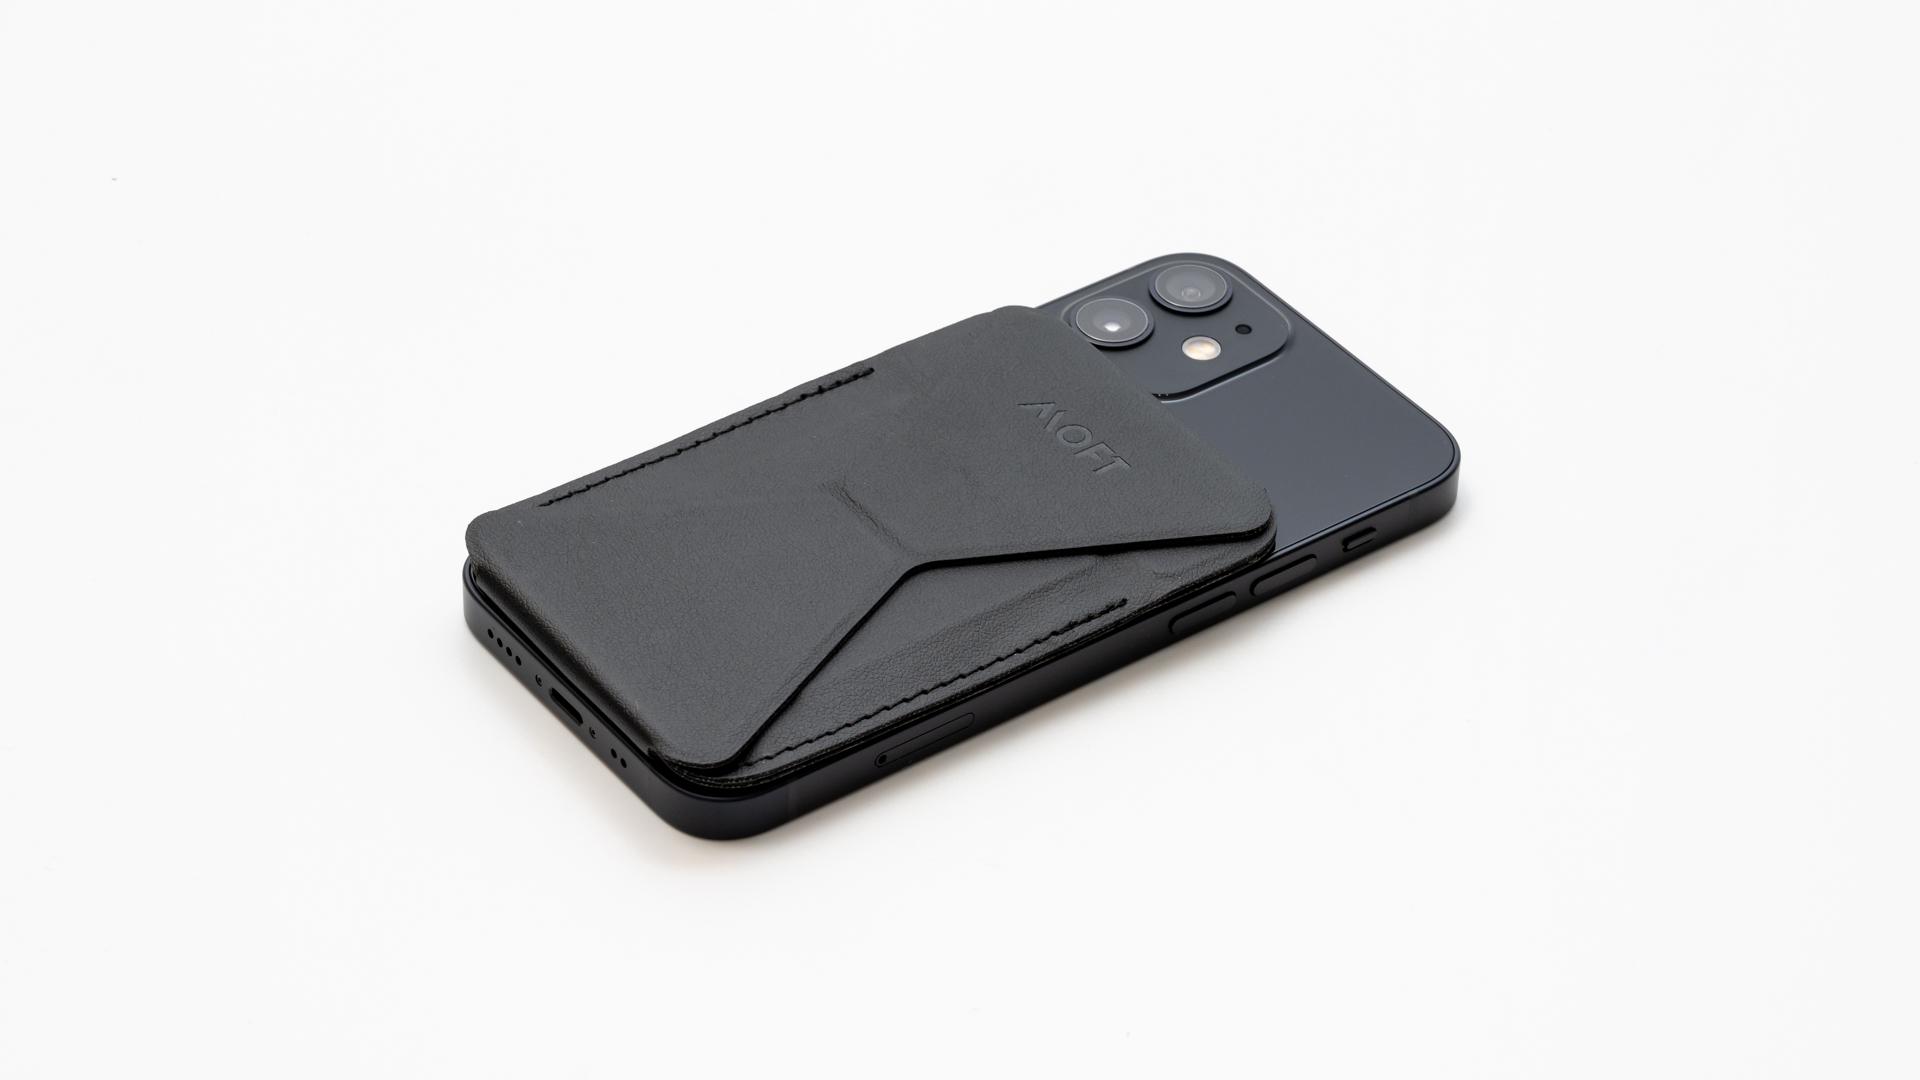 MagSafe対応の「MOFT Snap-on Stand & Wallet」がiPhone 12 miniにピッタリでいい感じ